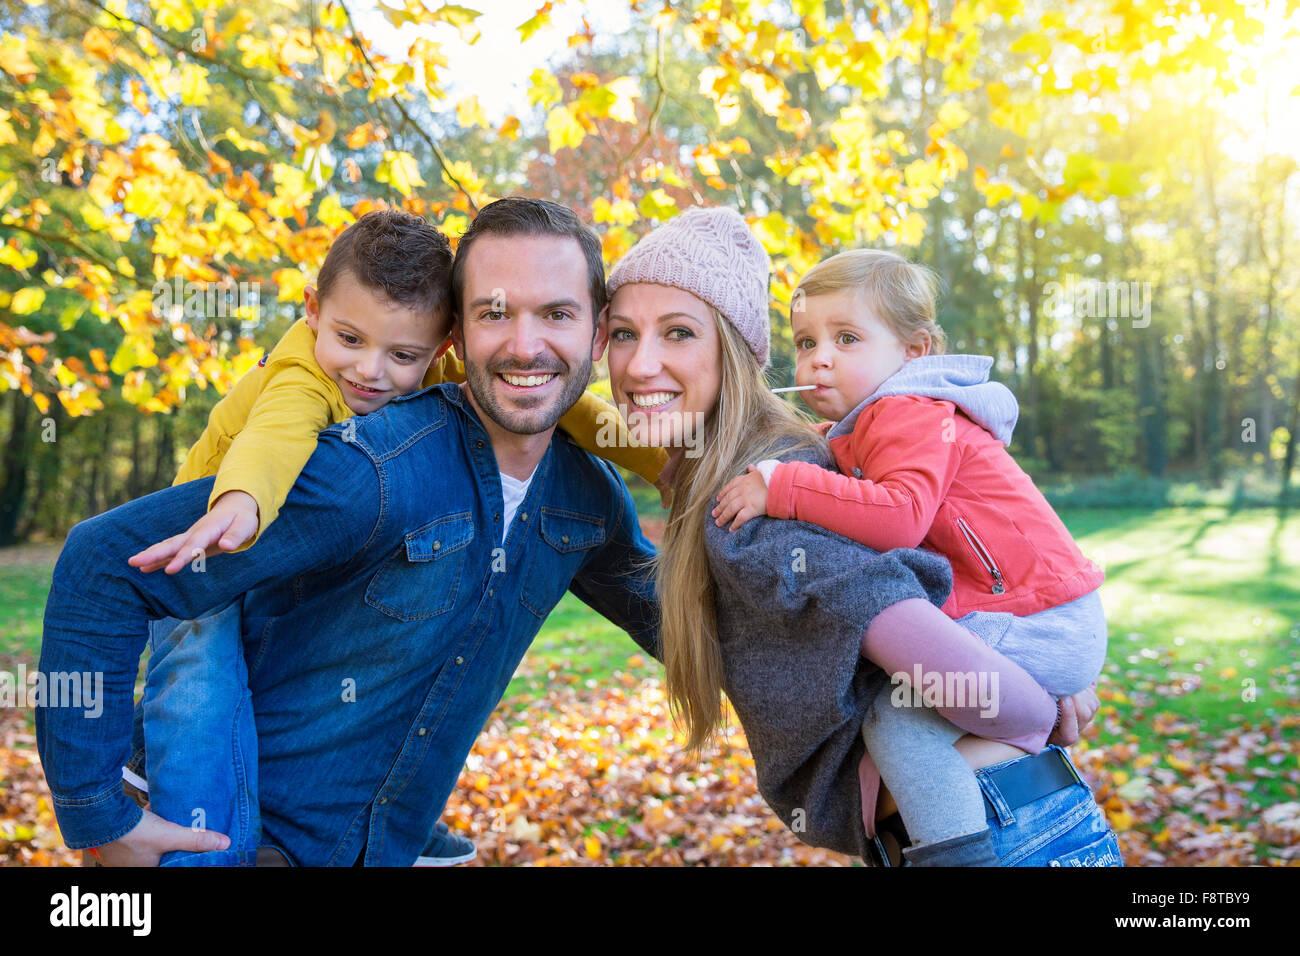 Retrato de una familia en el parque Imagen De Stock